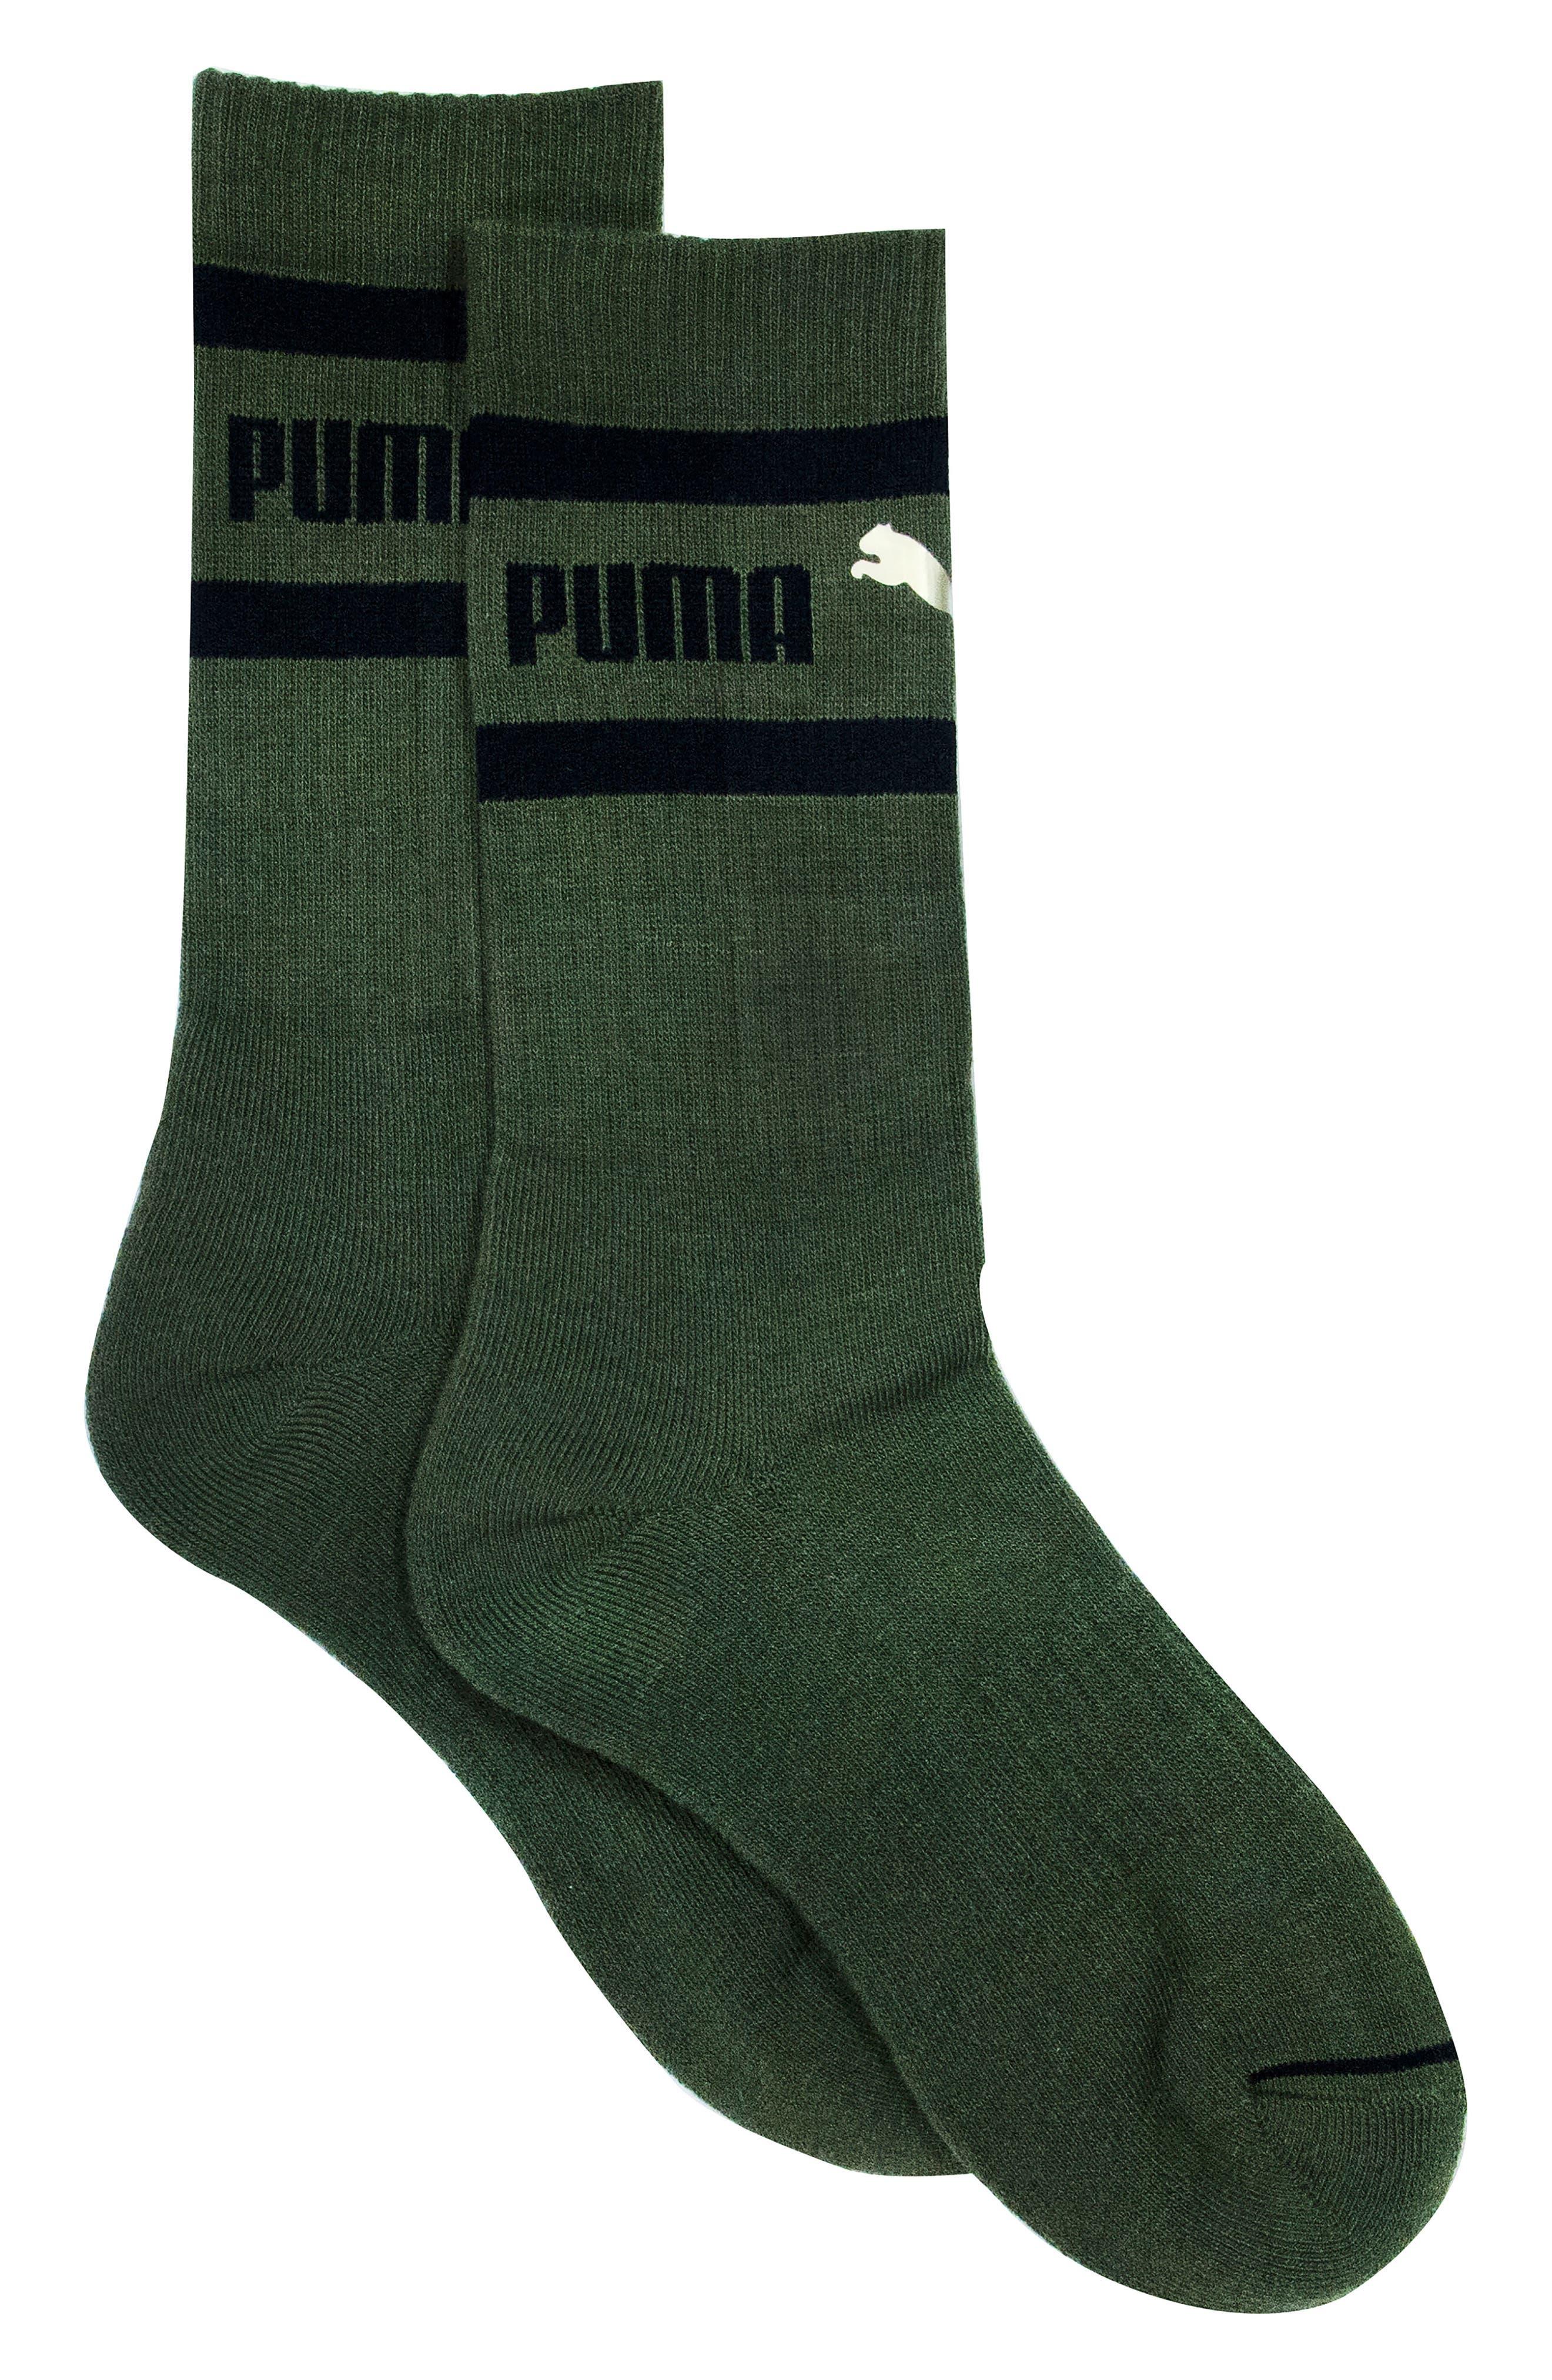 PUMA Crew Socks